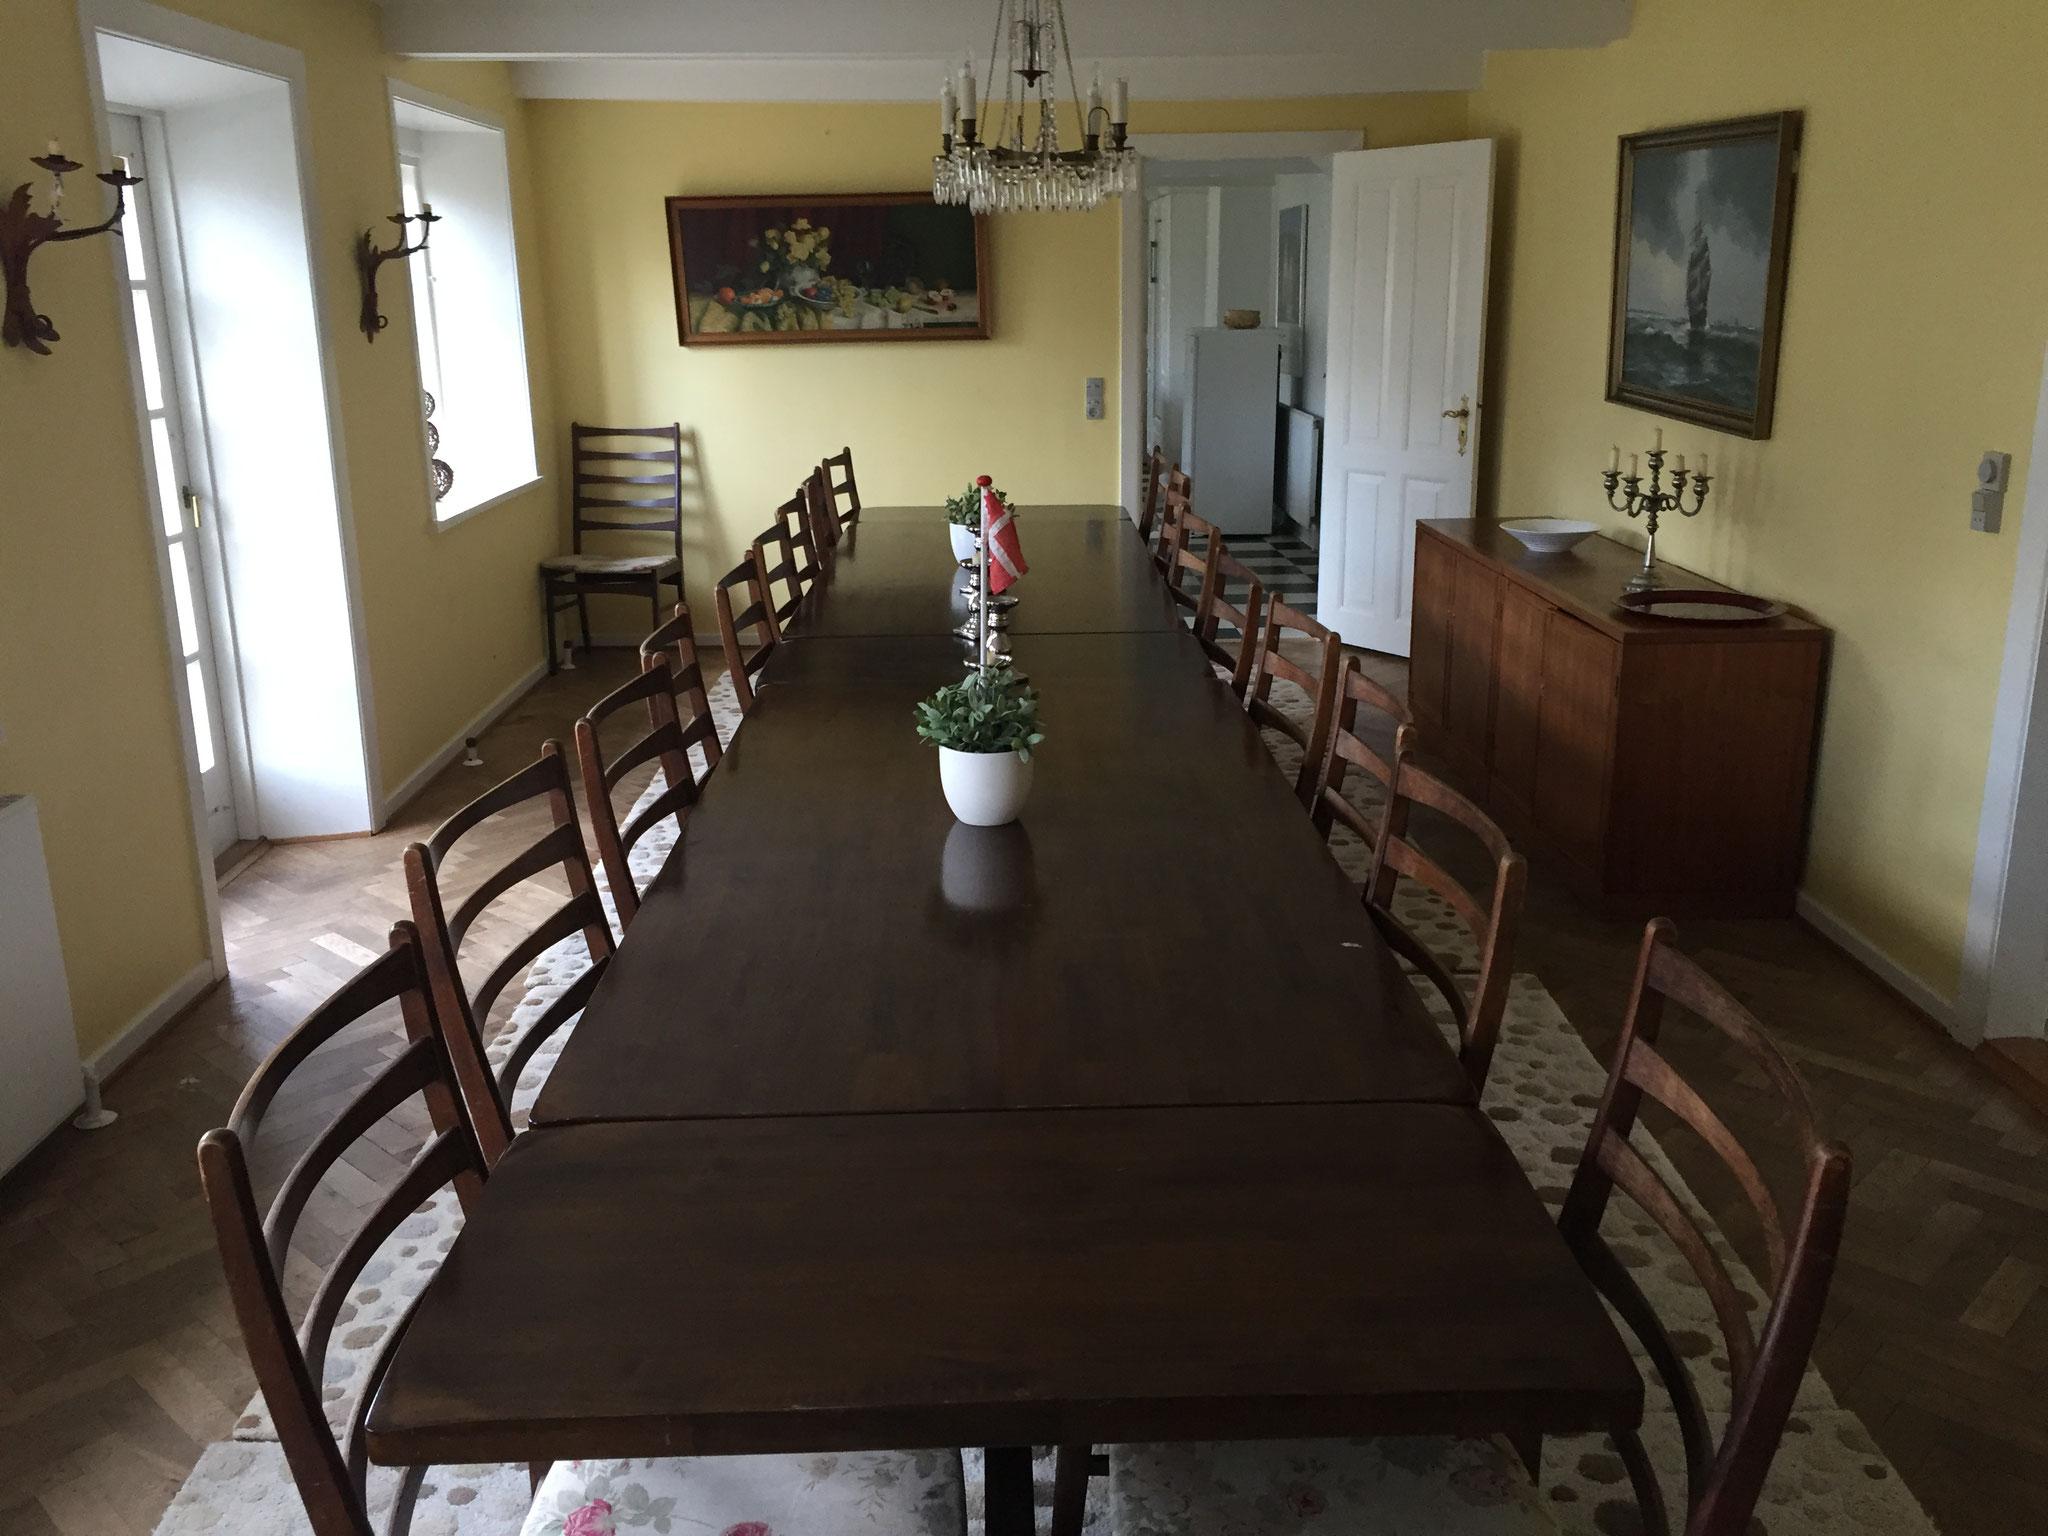 Ferienhaus auf Langeland, wo das Treffen des Vorstands des DUKs stattfand